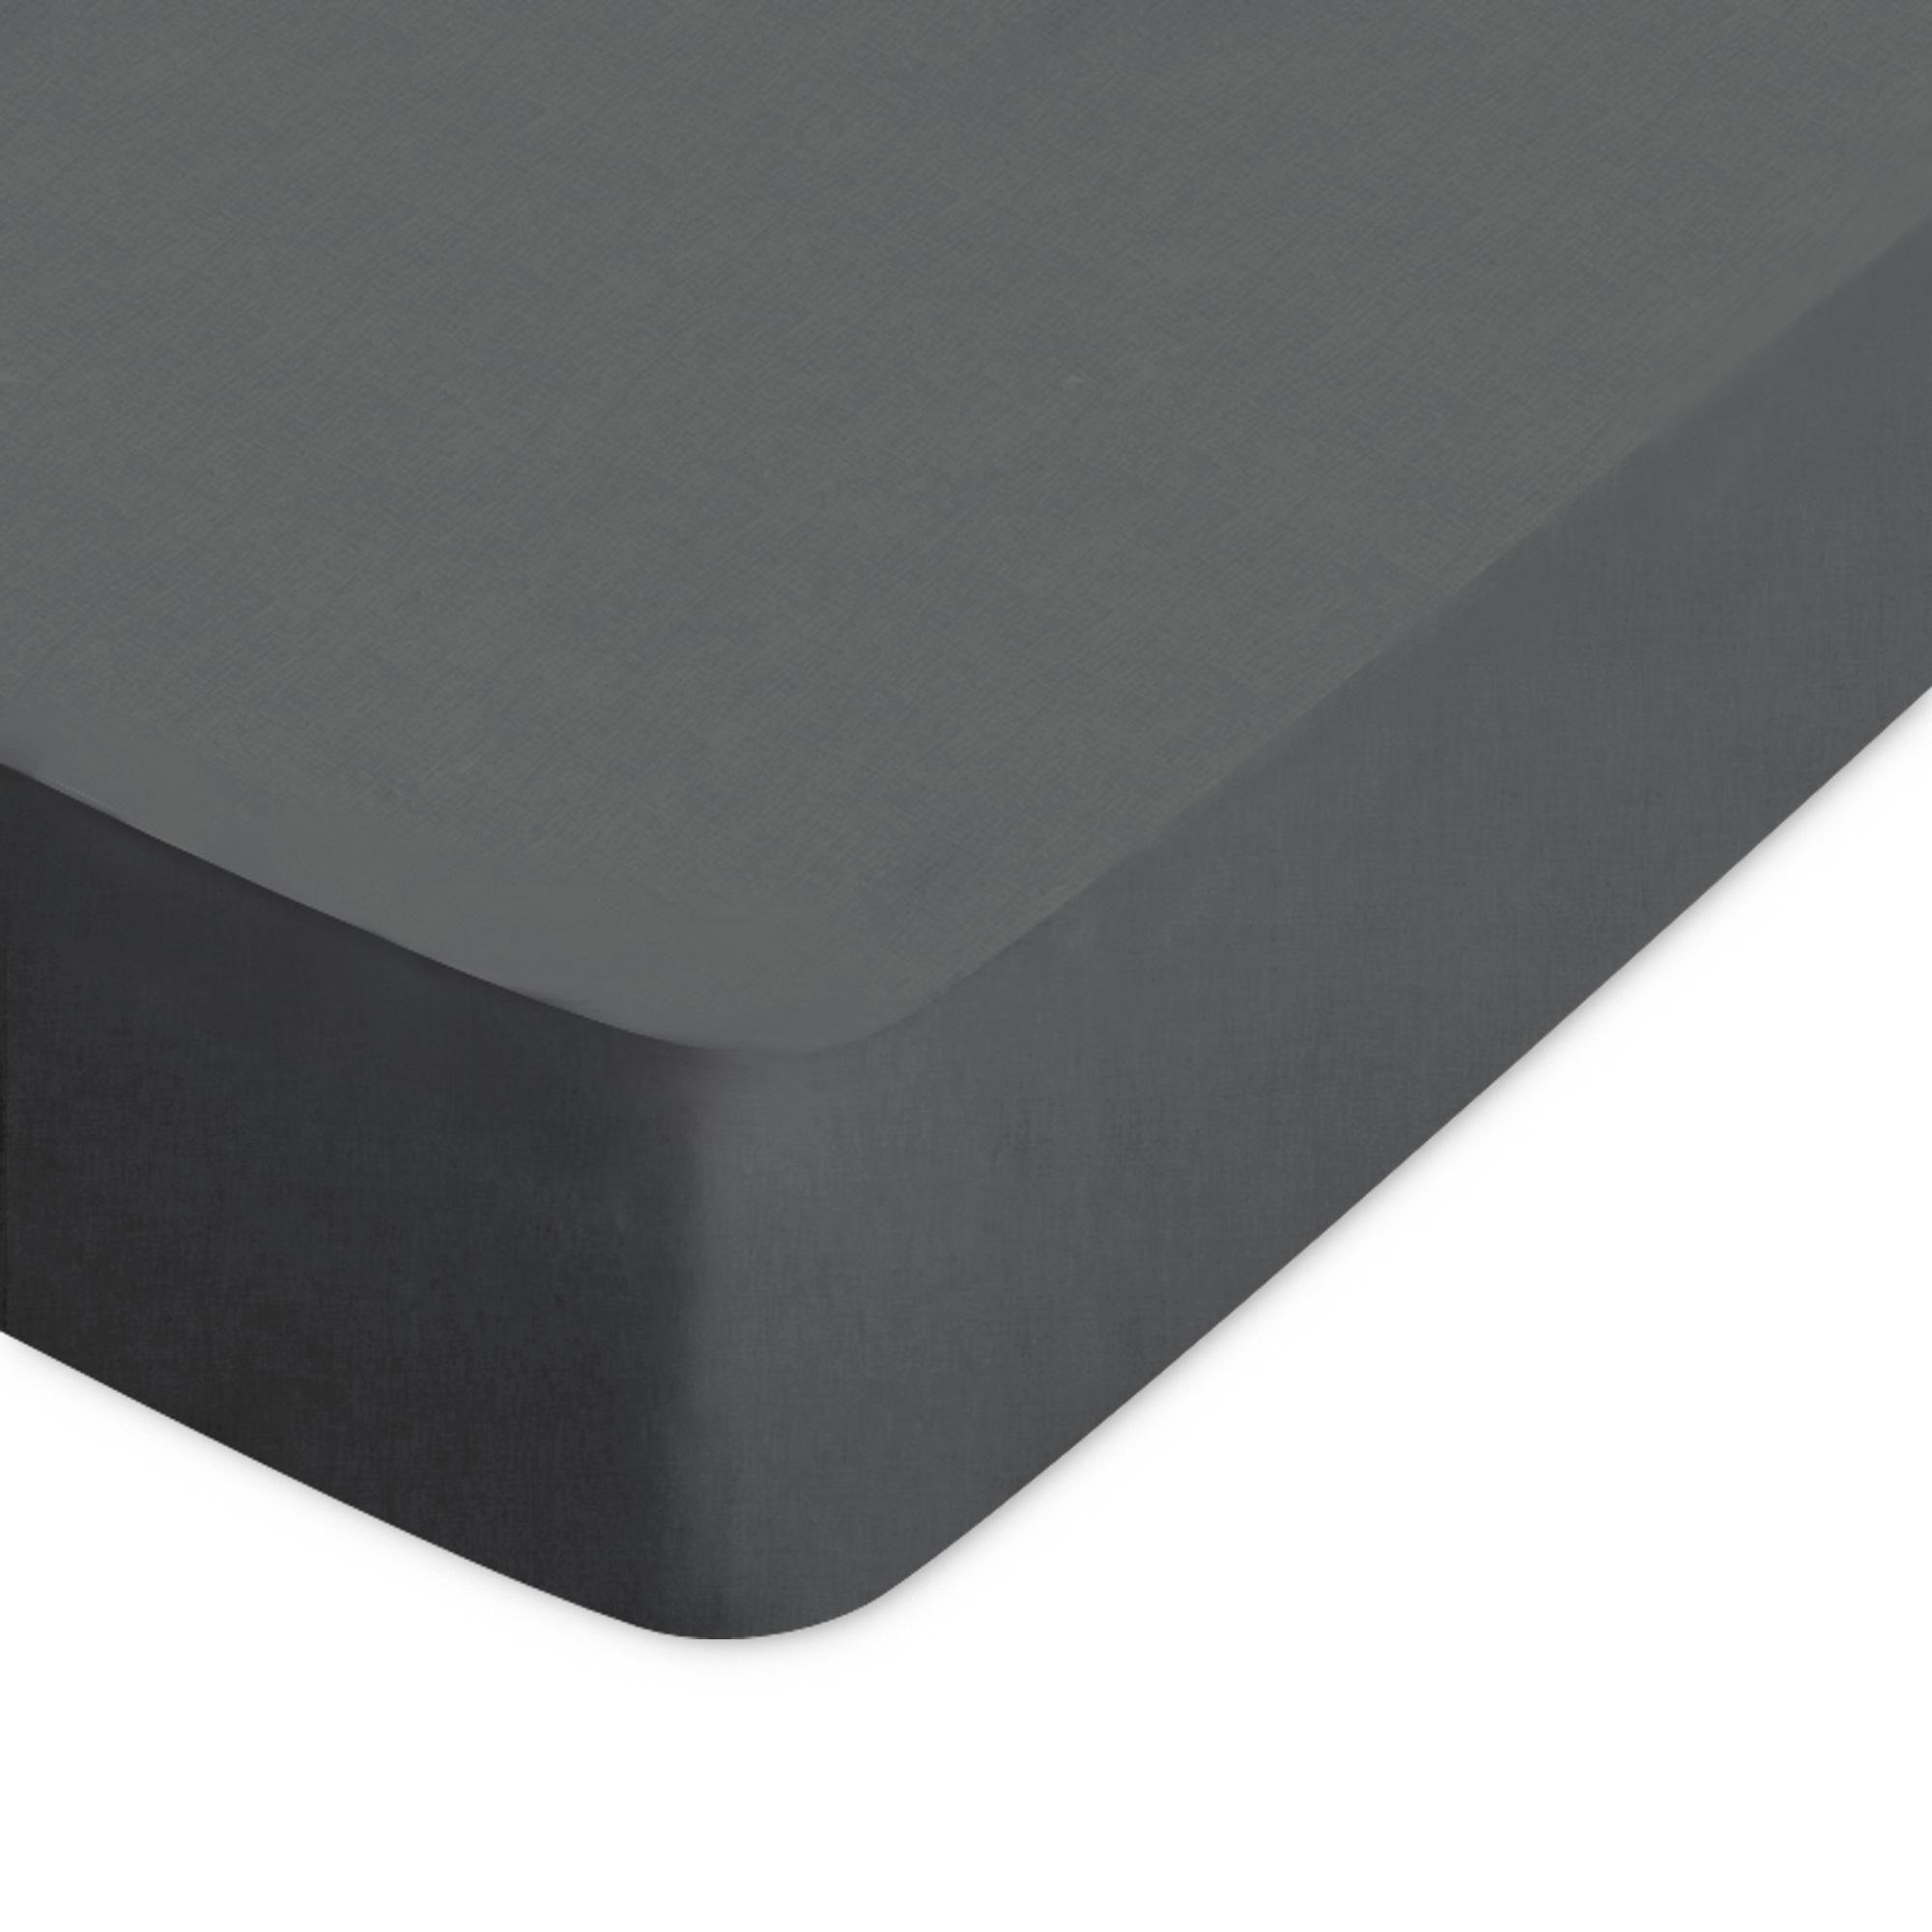 drap housse coton 80x200 manhattan achat vente drap housse cdiscount. Black Bedroom Furniture Sets. Home Design Ideas